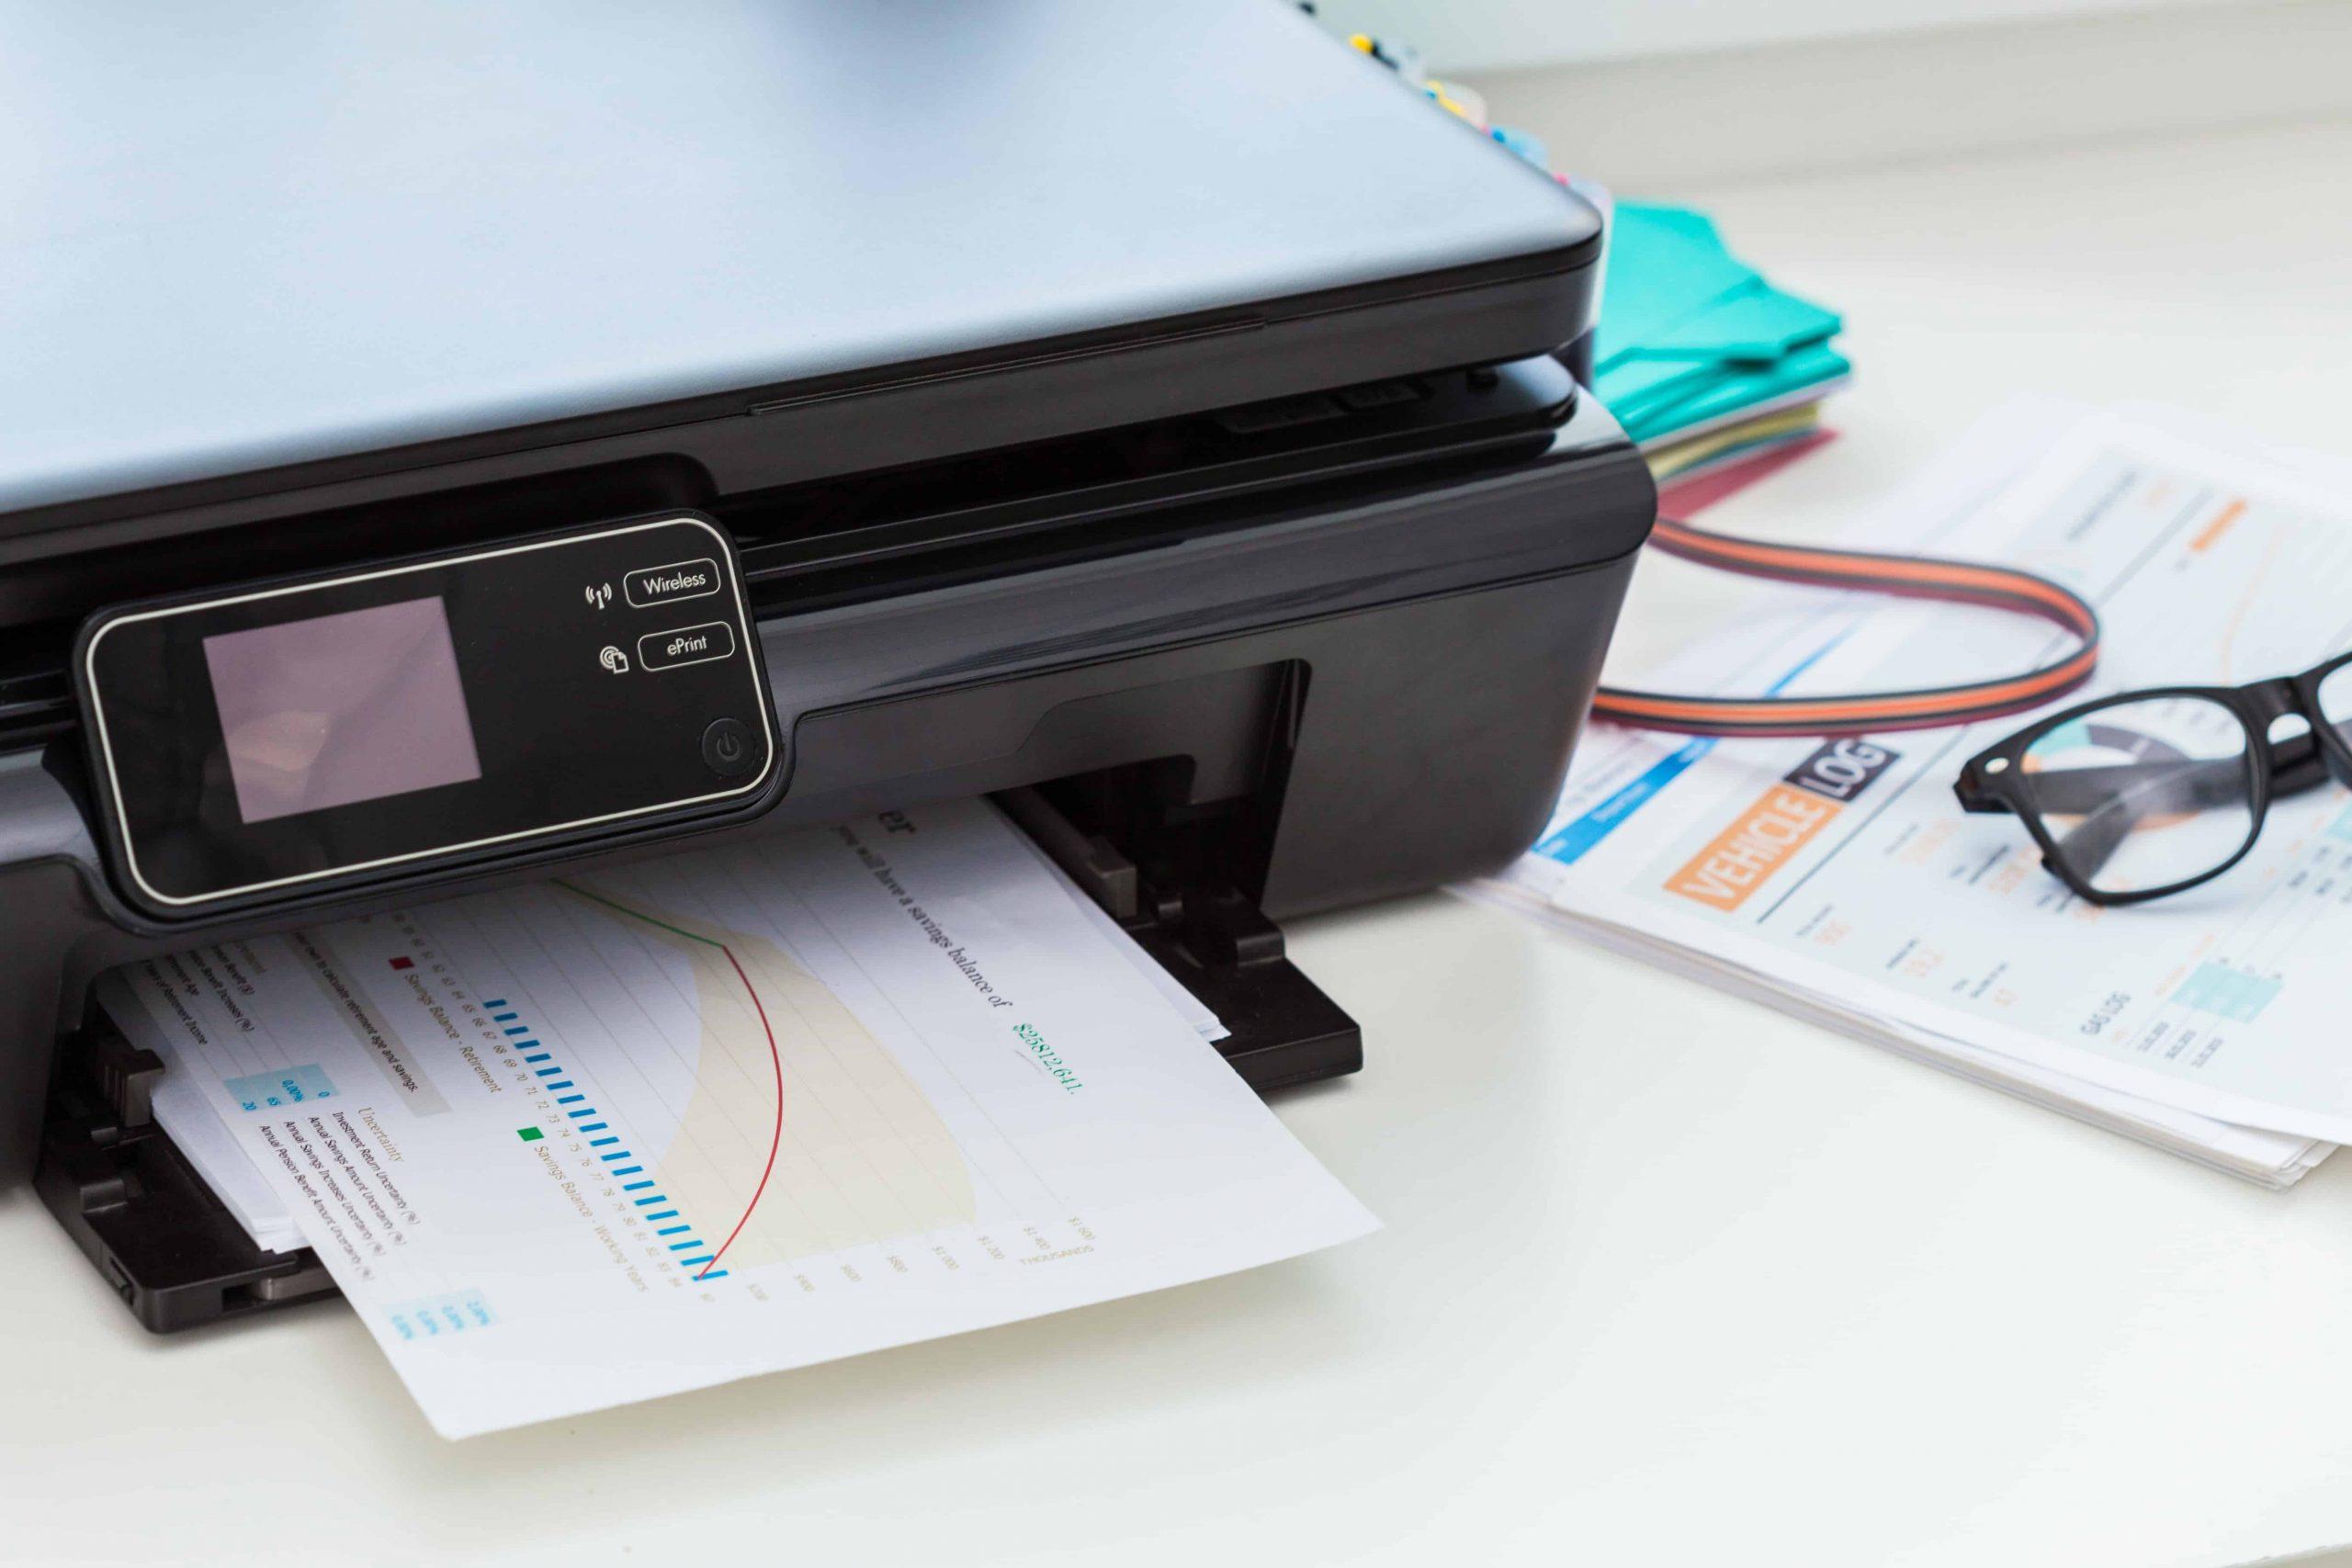 Miglior stampante HP 2020: Guida all'acquisto